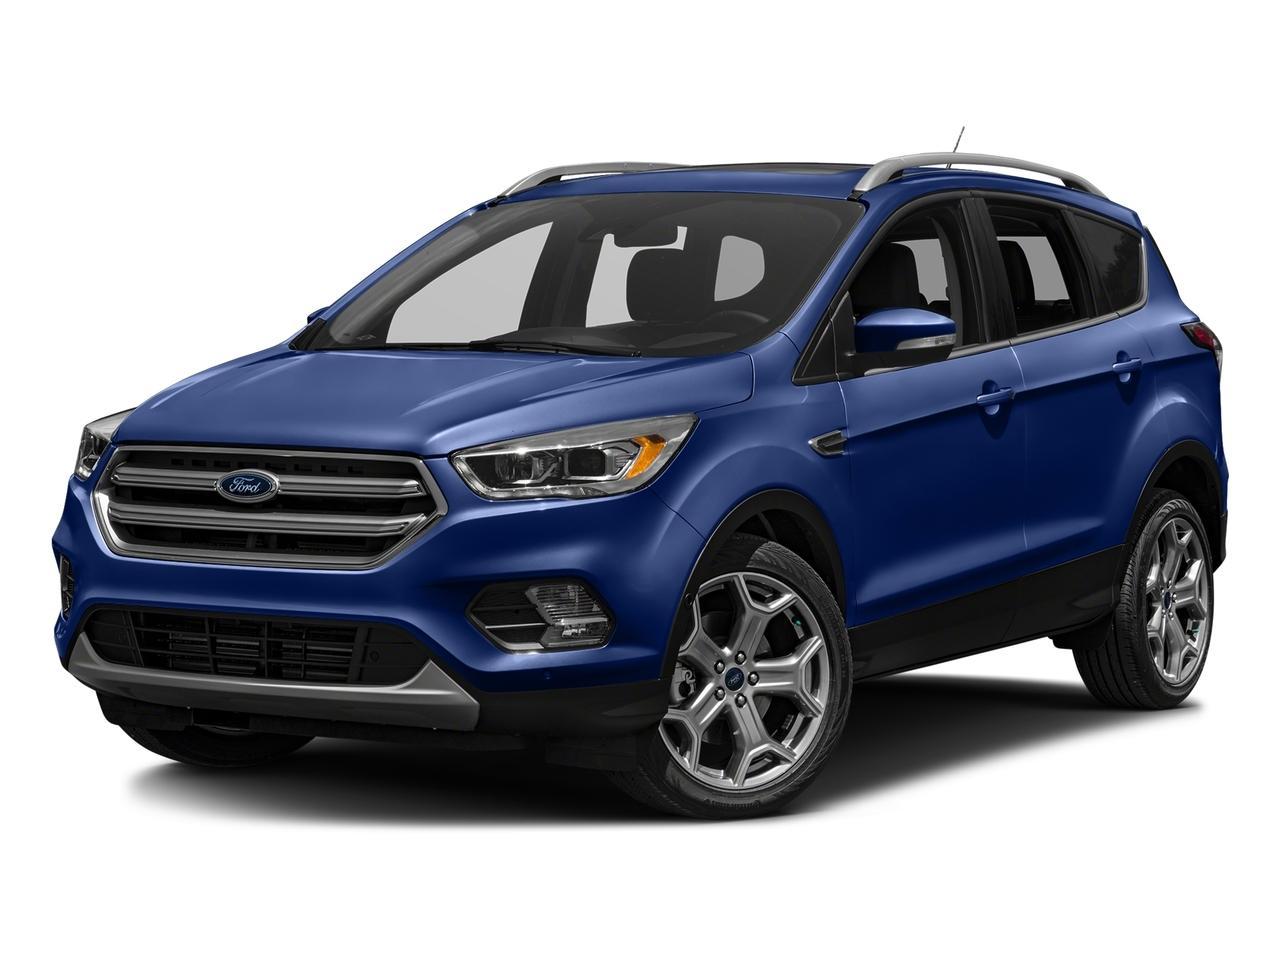 2017 Ford Escape Vehicle Photo in Peoria, IL 61615